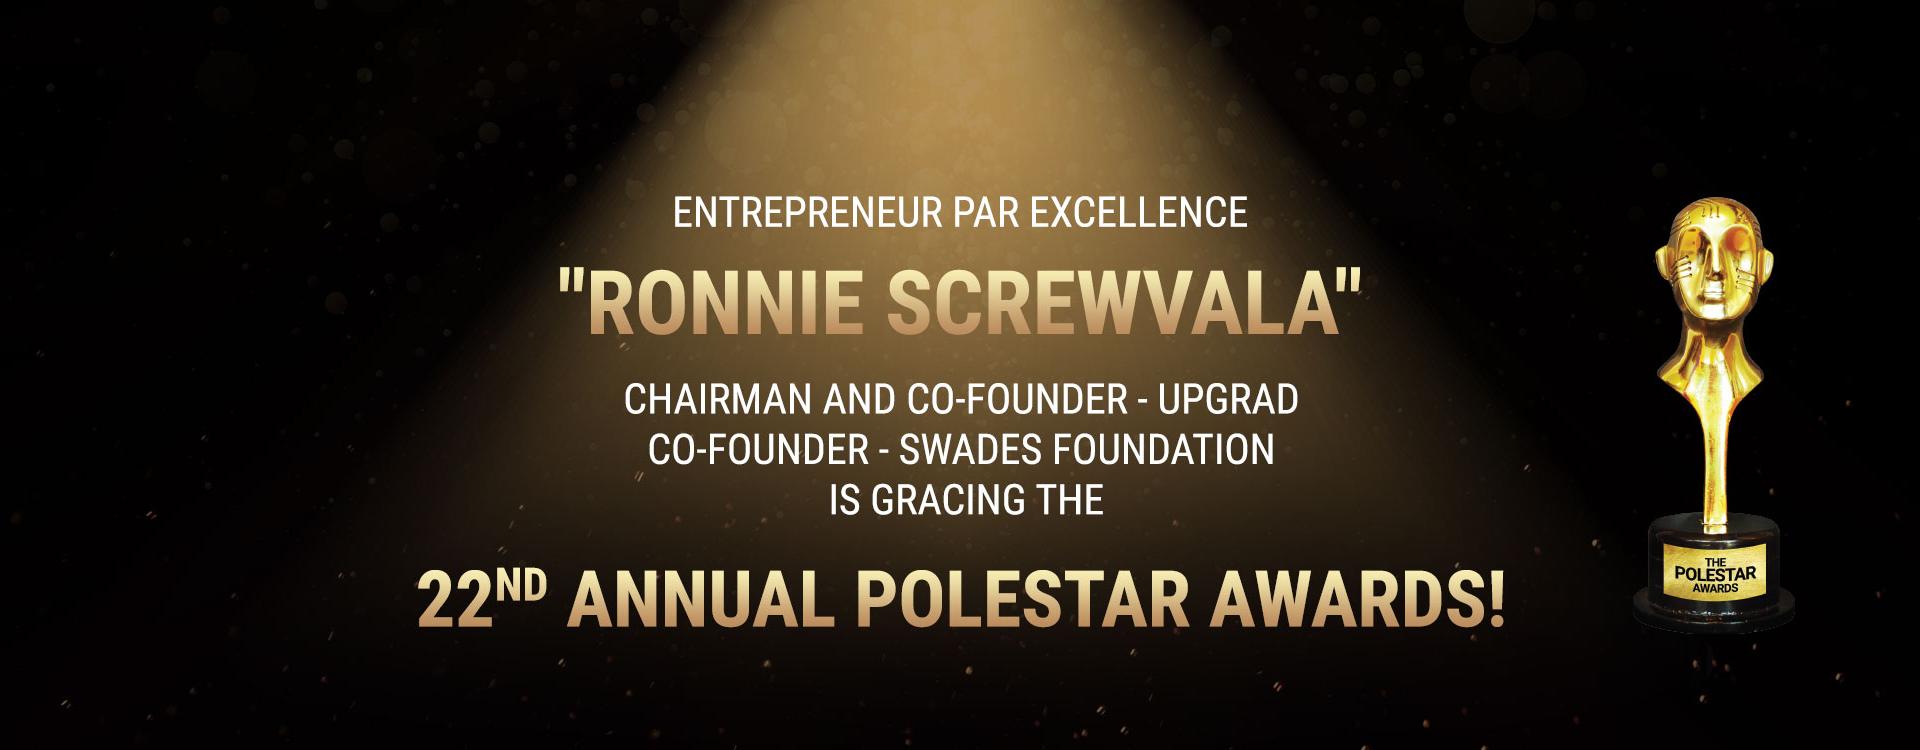 22nd Polestar Awards